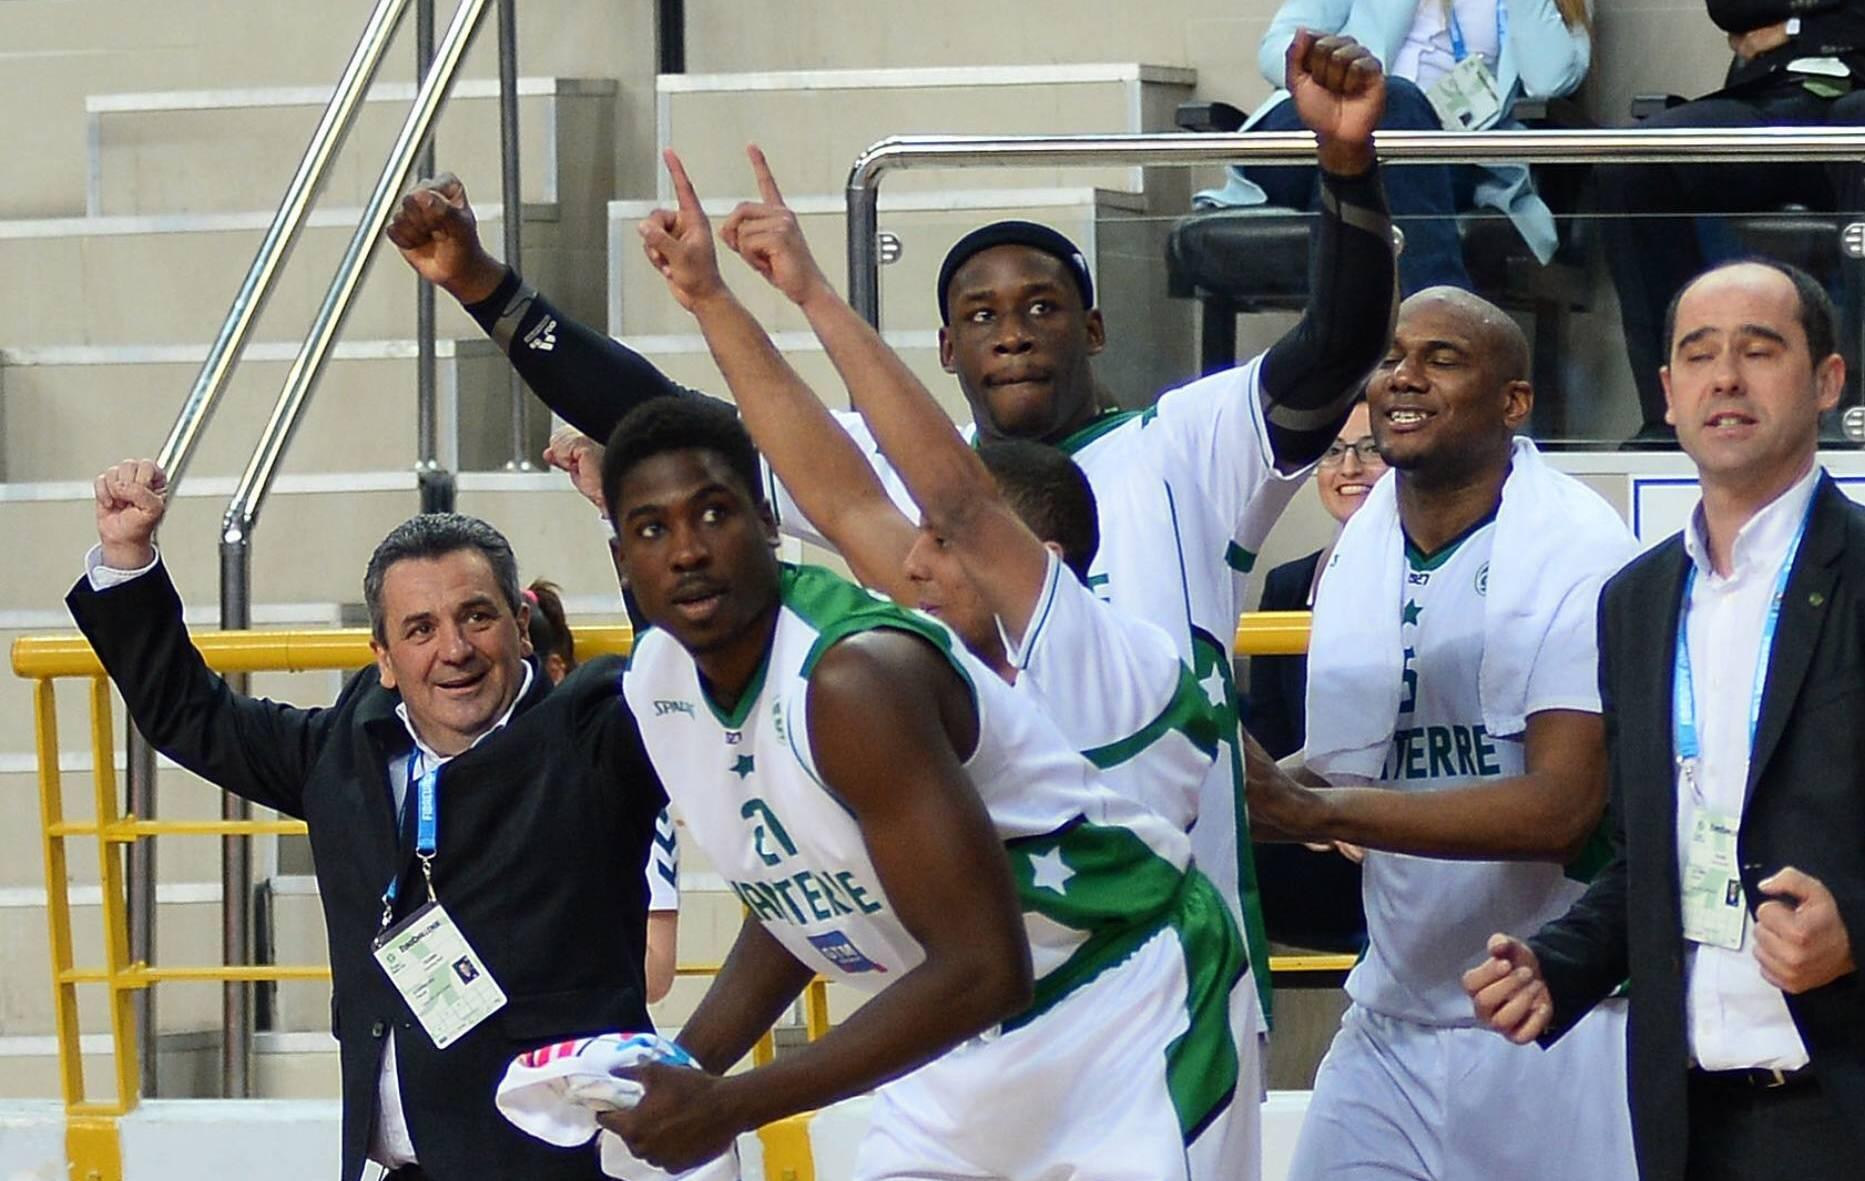 Basket - Toujours plus fort, Nanterre conquiert l?Europe